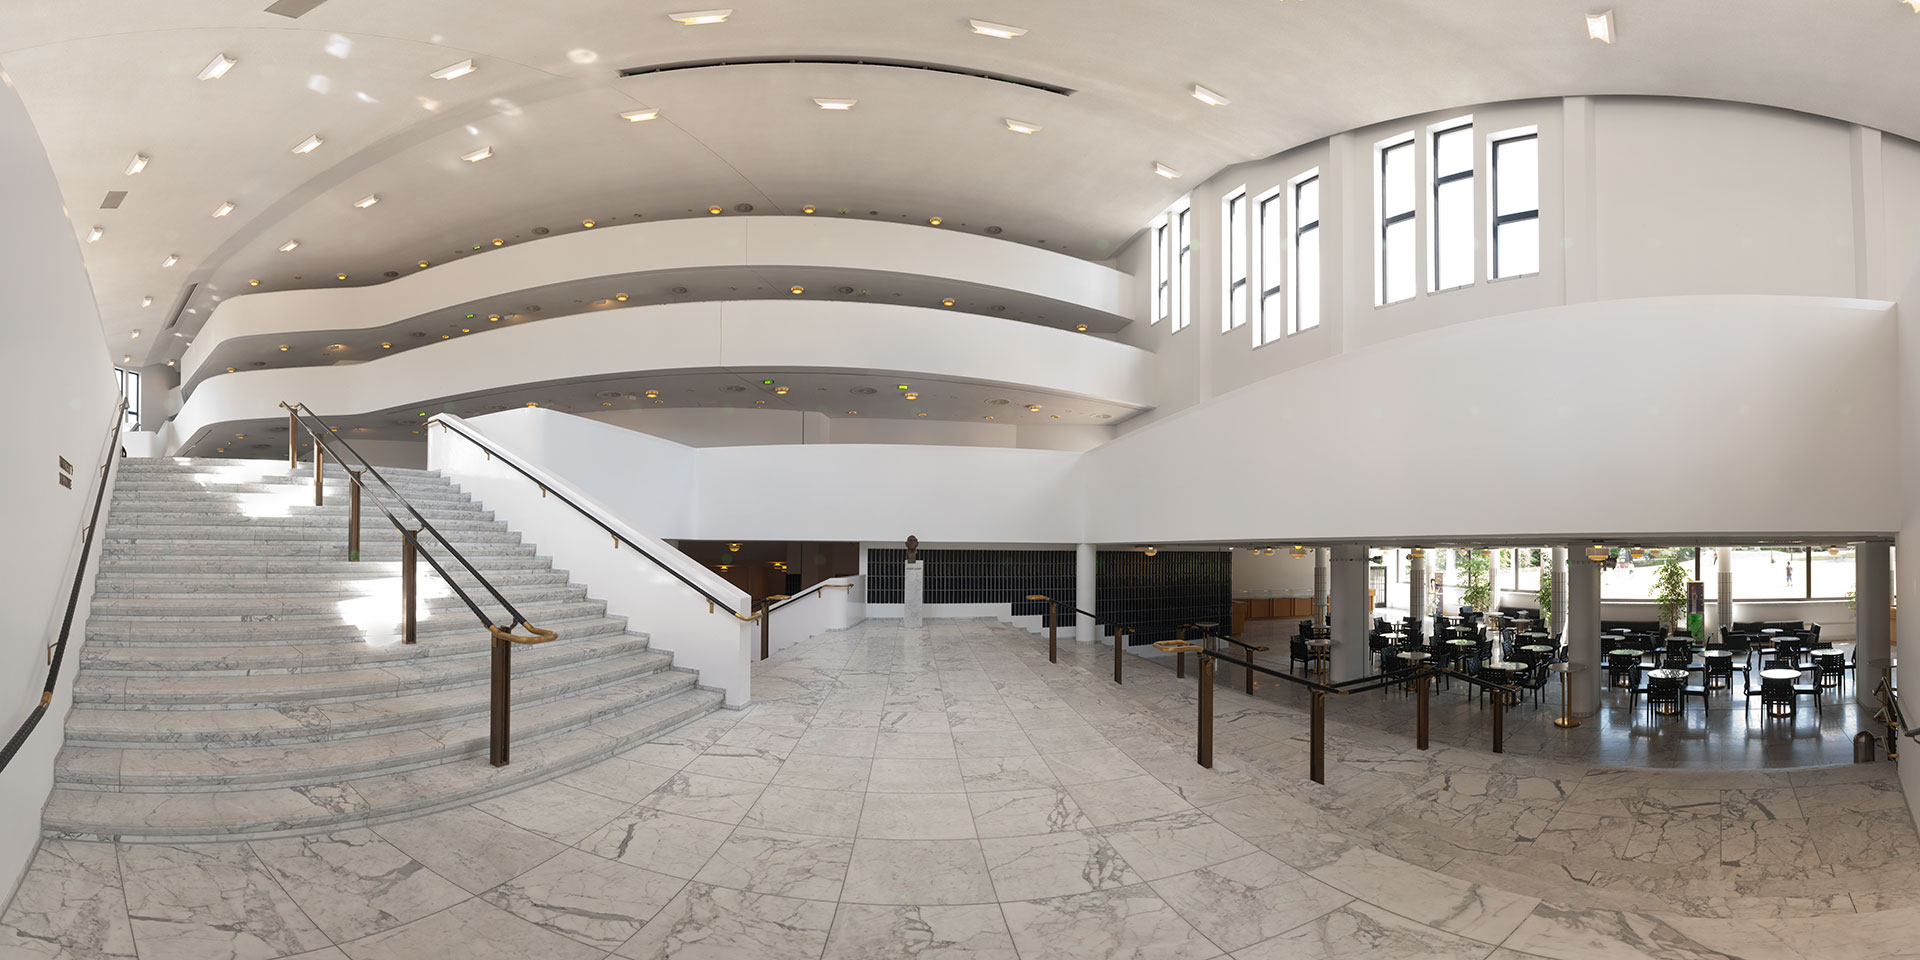 Aalto-Theater - Essen - Foyer